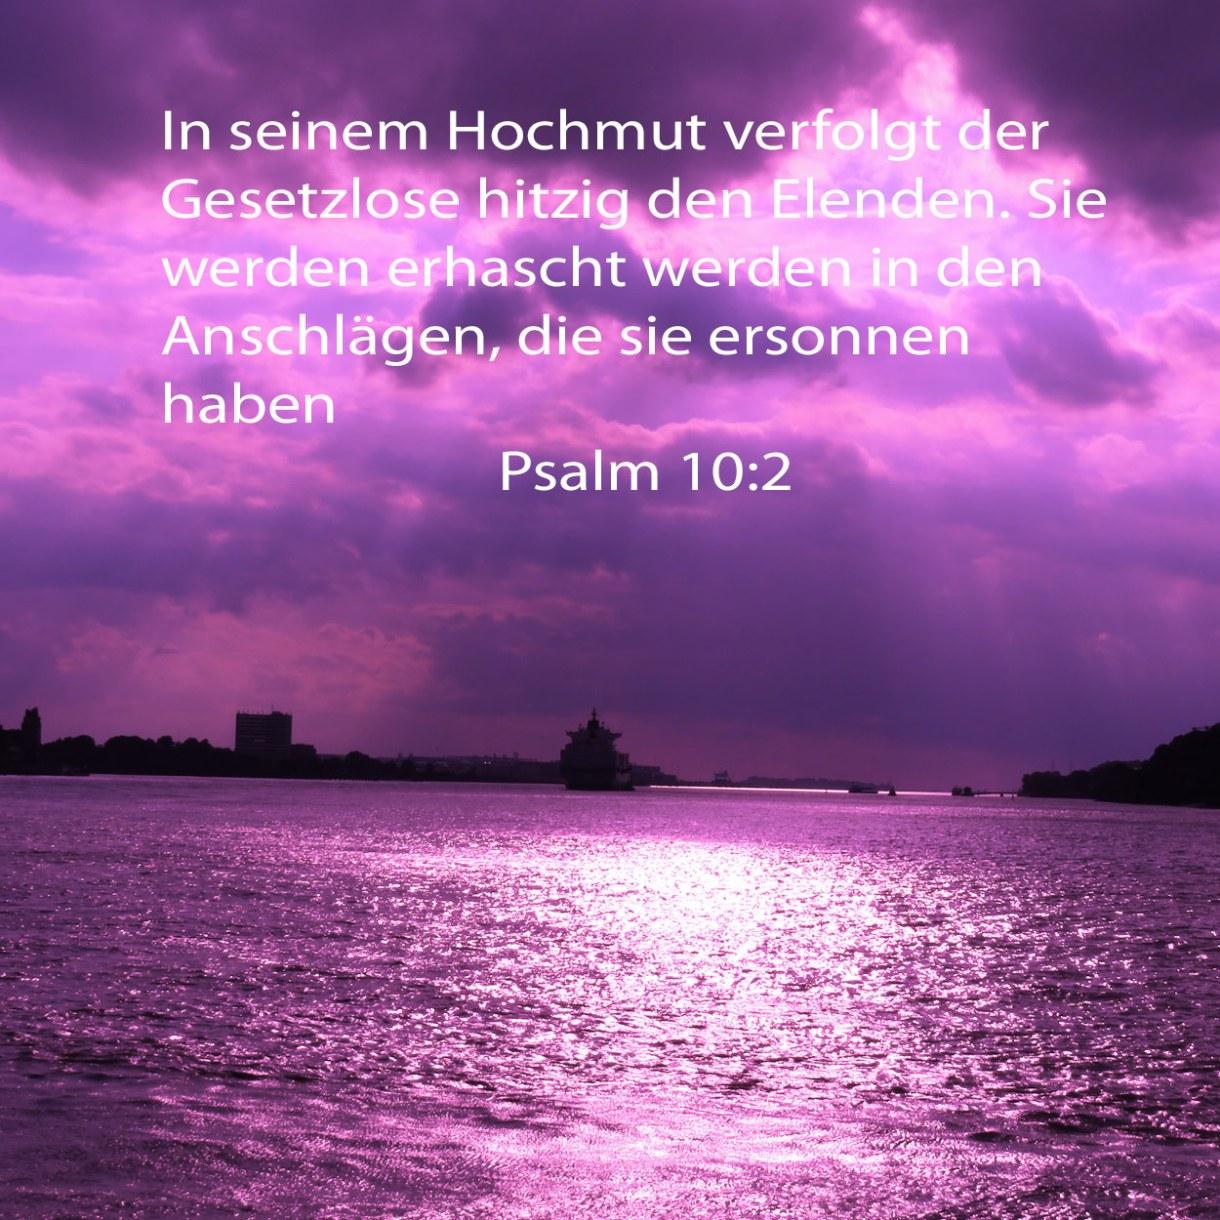 In seinem Hochmut verfolgt der Gesetzlose hitzig den Elenden. Sie werden erhascht werden in den Anschlägen, die sie ersonnen haben Psalm 10:2